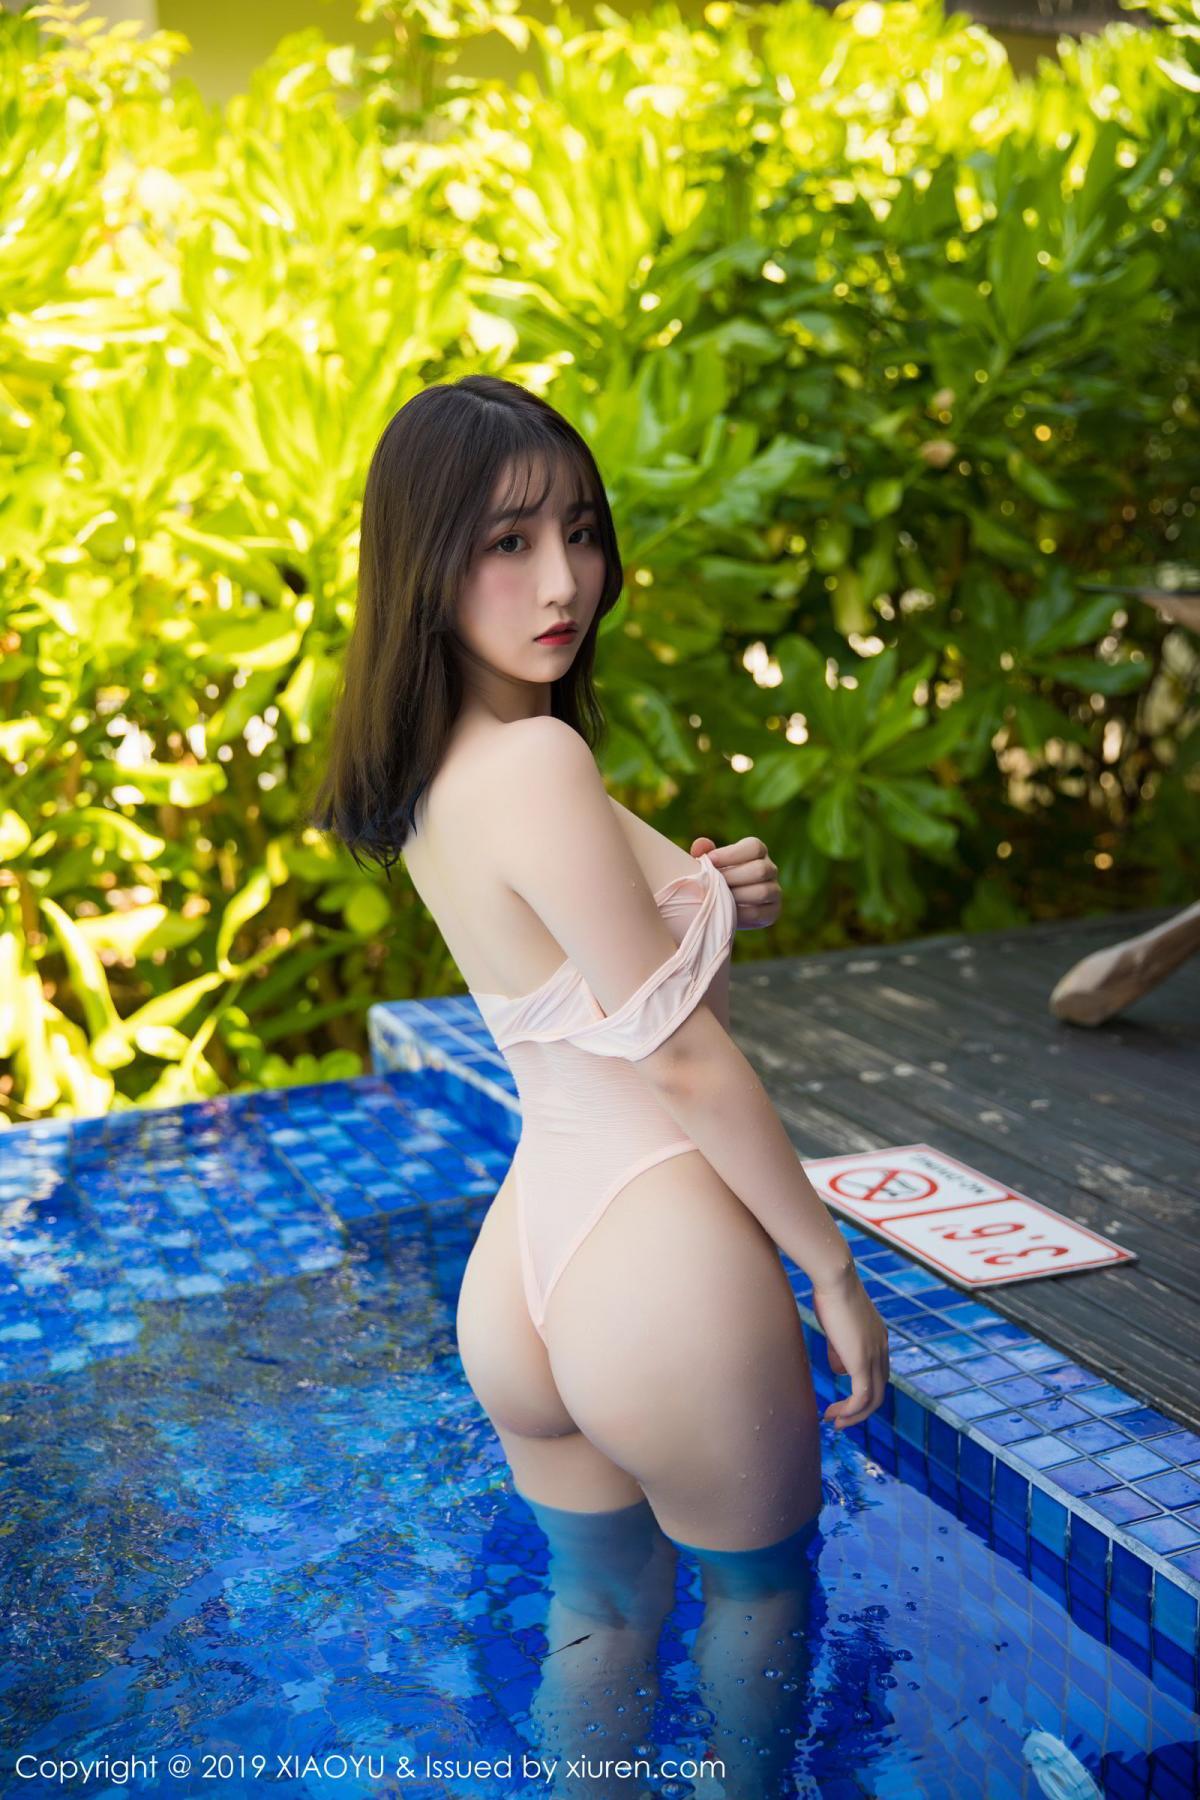 [XiaoYu] Vol.155 Xie Zhi Xin 44P, Bathroom, Big Booty, Wet, XiaoYu, Xie Zhi Xin